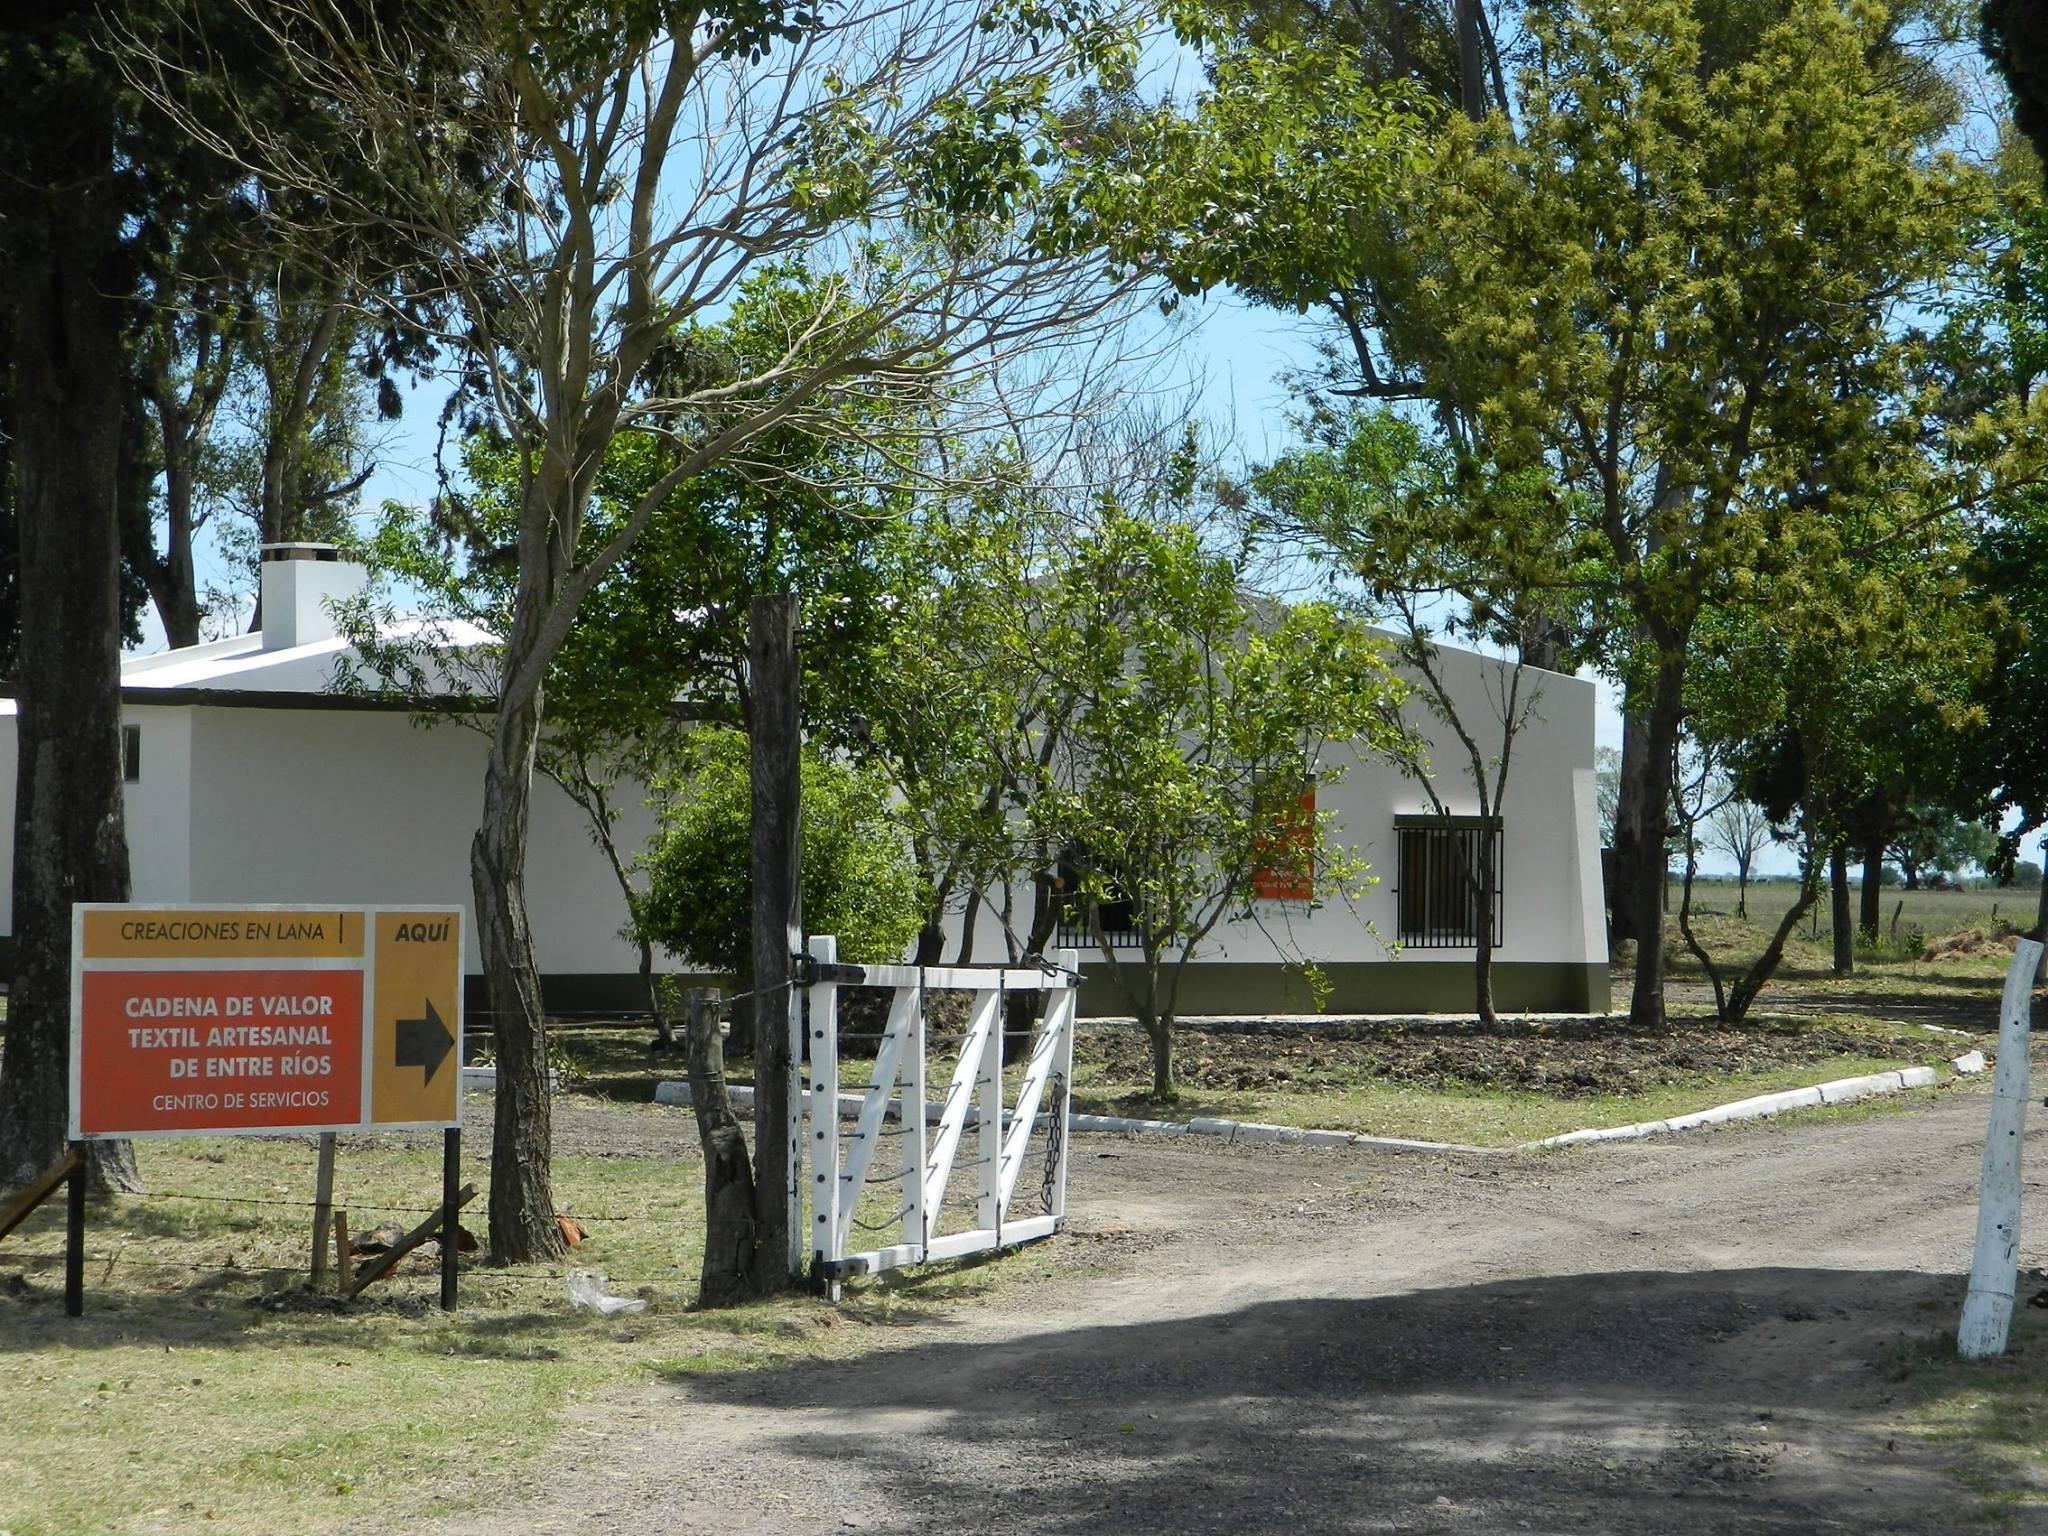 centro de servicios